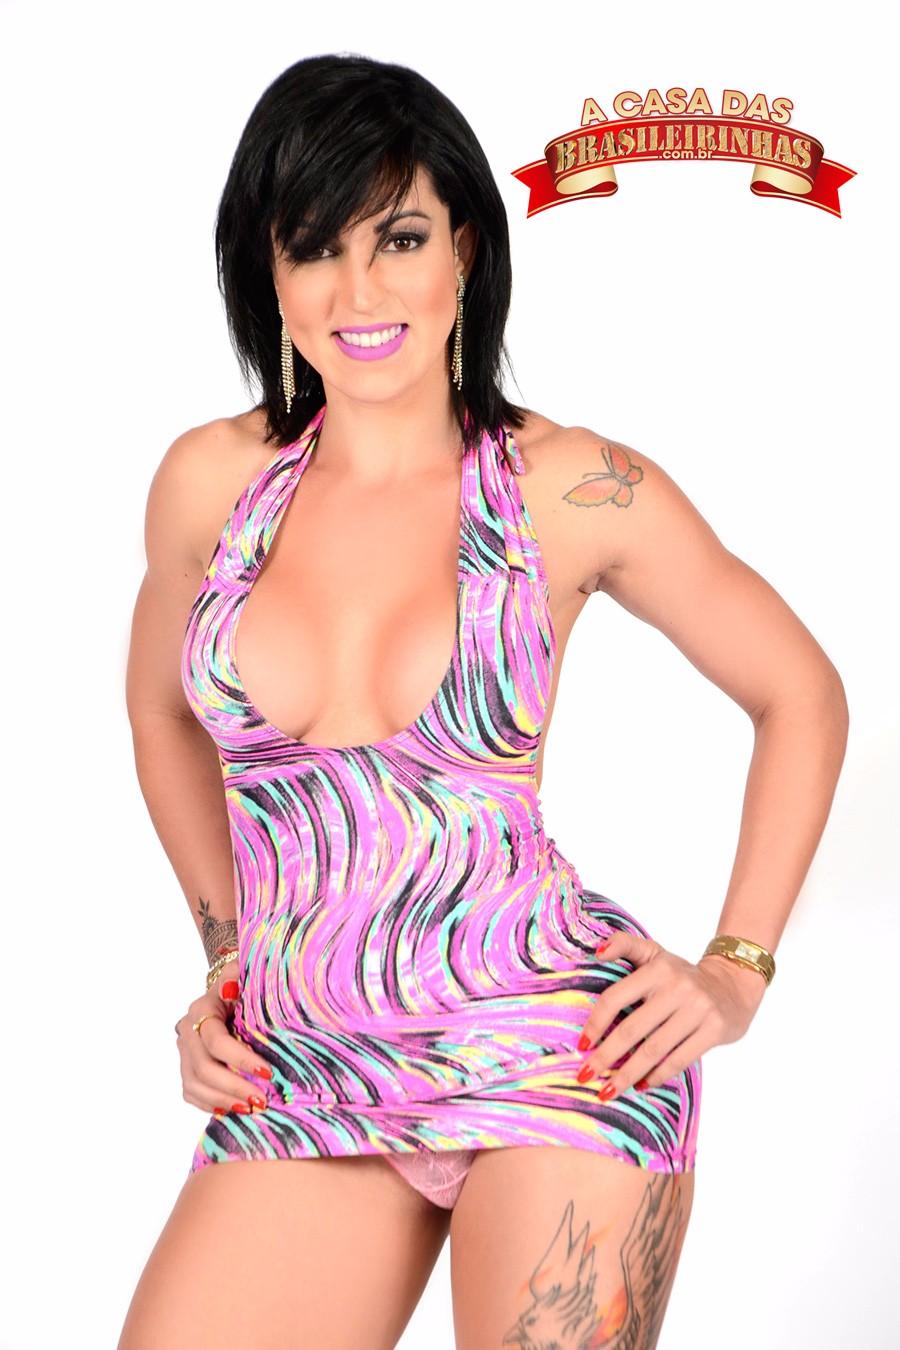 atriz-porno-Elisa-Sanches.jpg